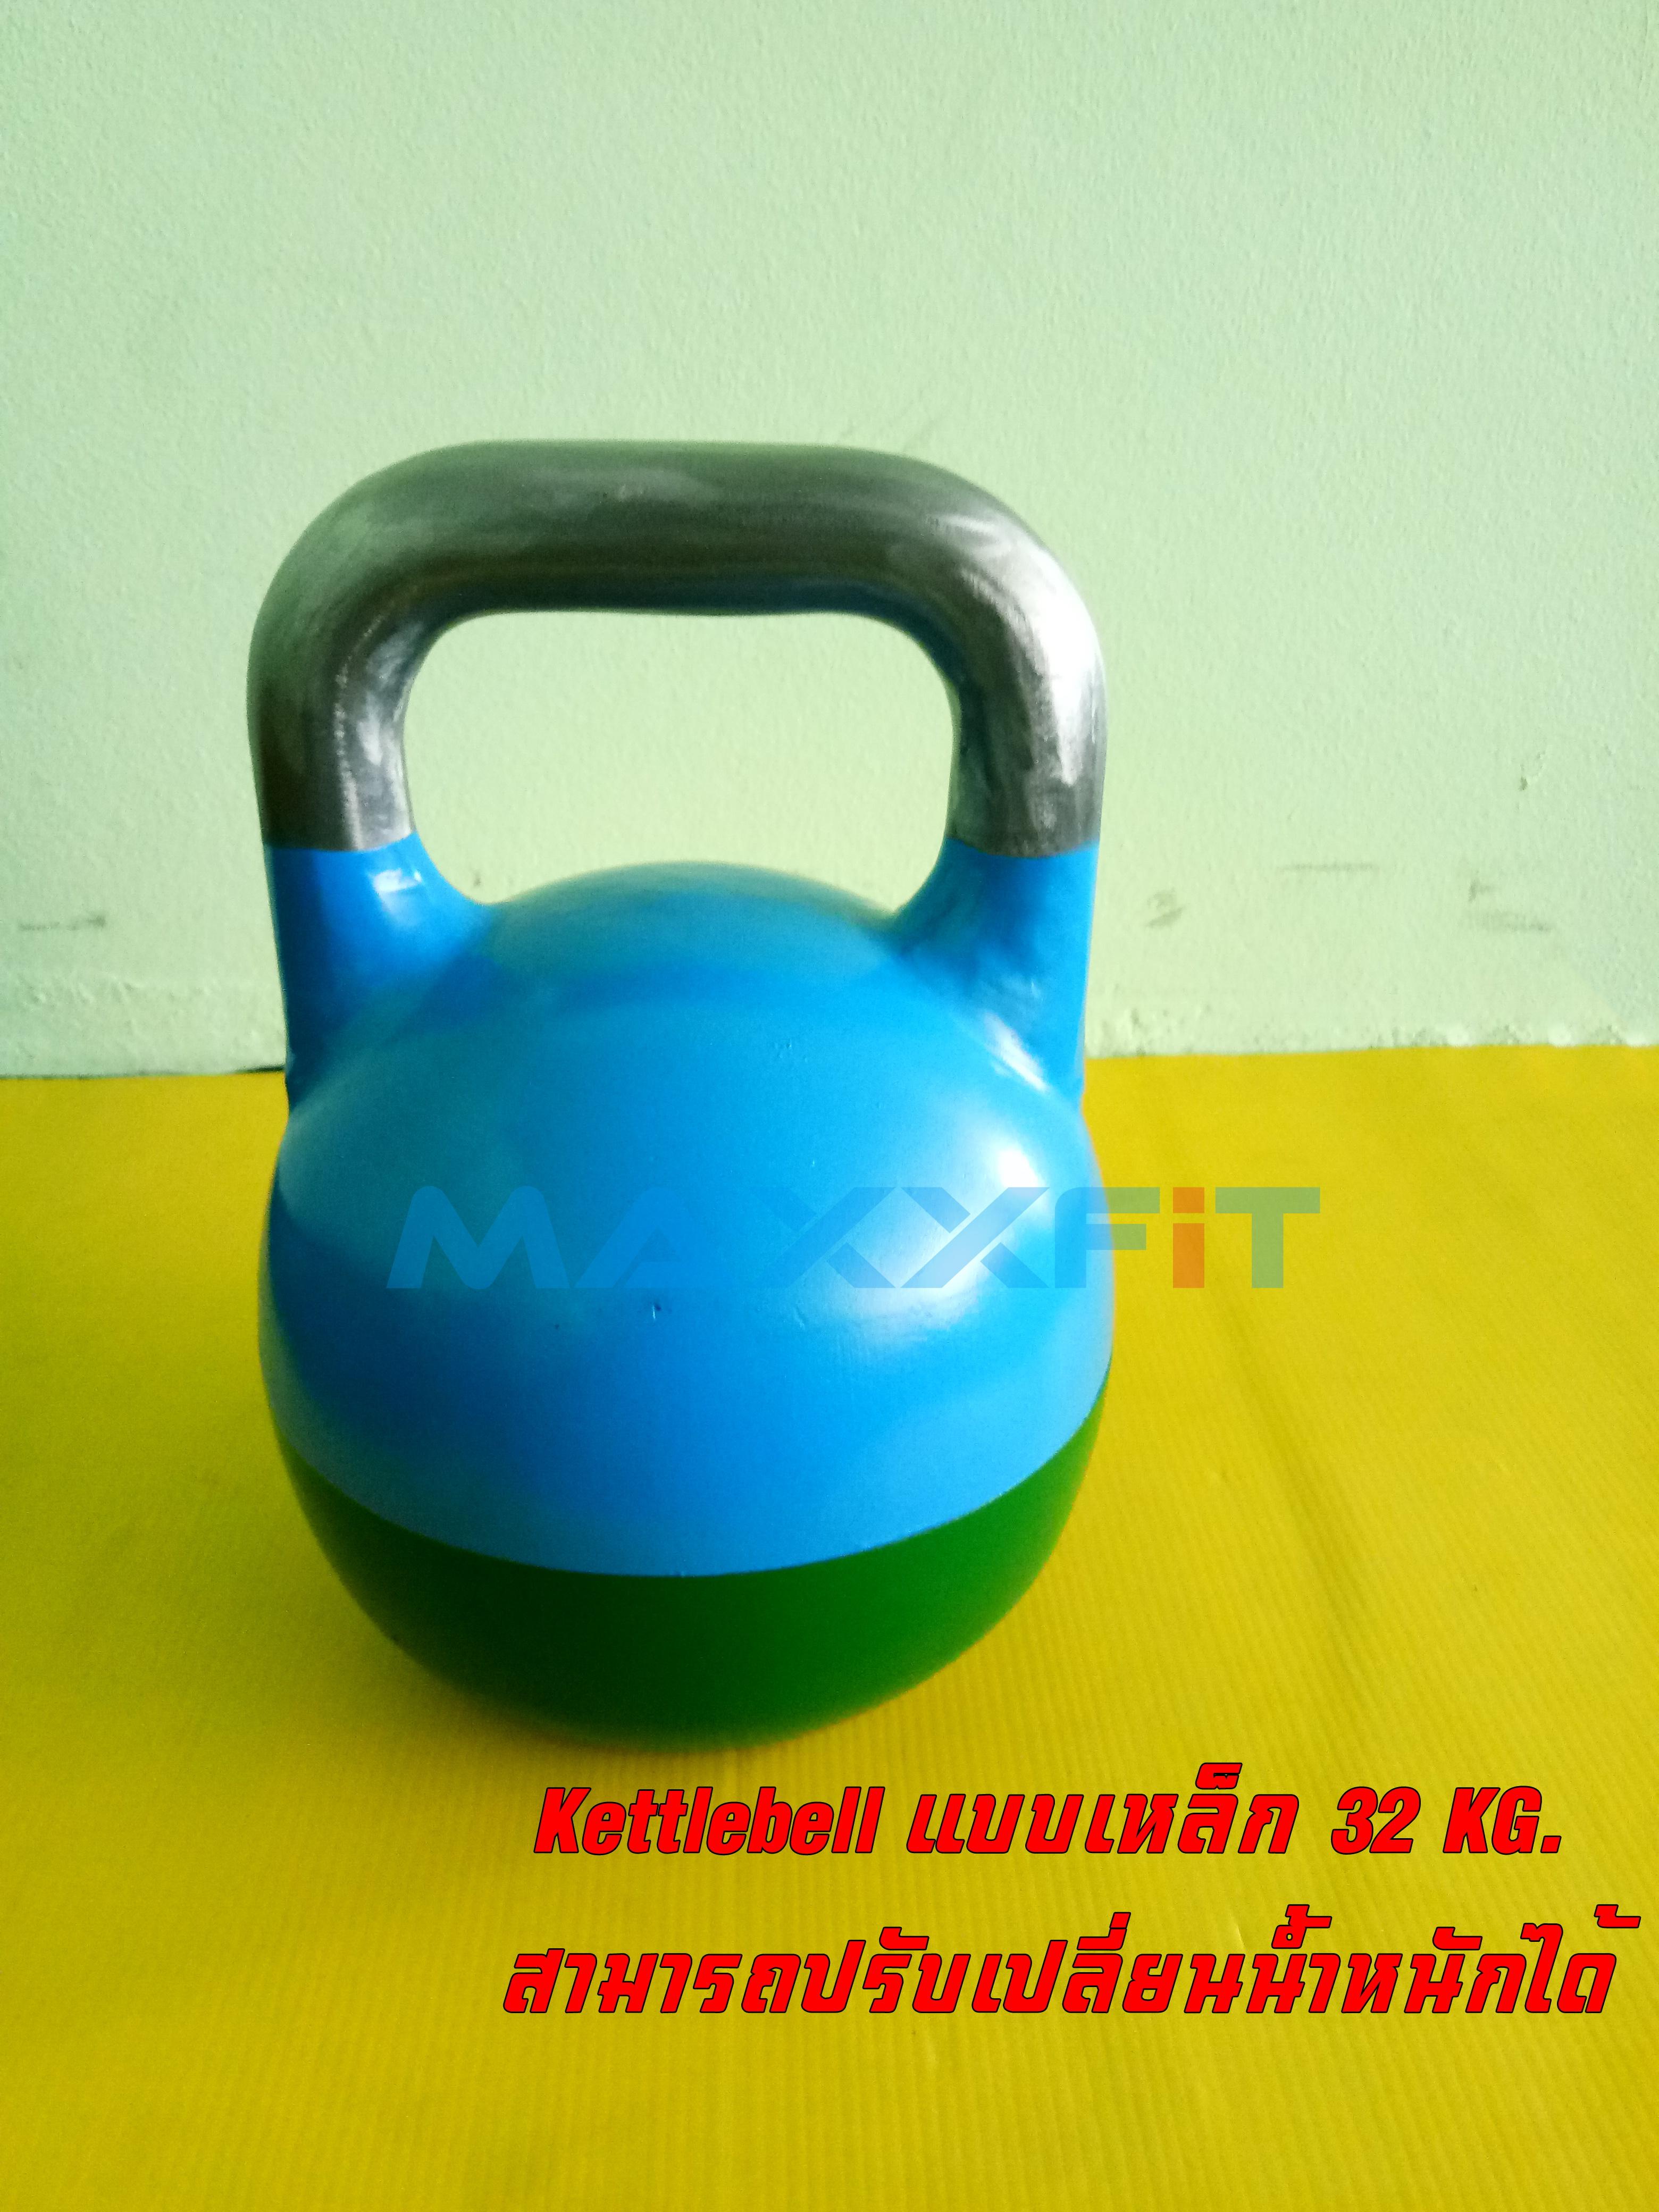 ขาย Kettle Bell แบบเหล็ก 32 KG. Cast Iron Adjustable สามารถปรับเปลี่ยนน้ำหนักได้